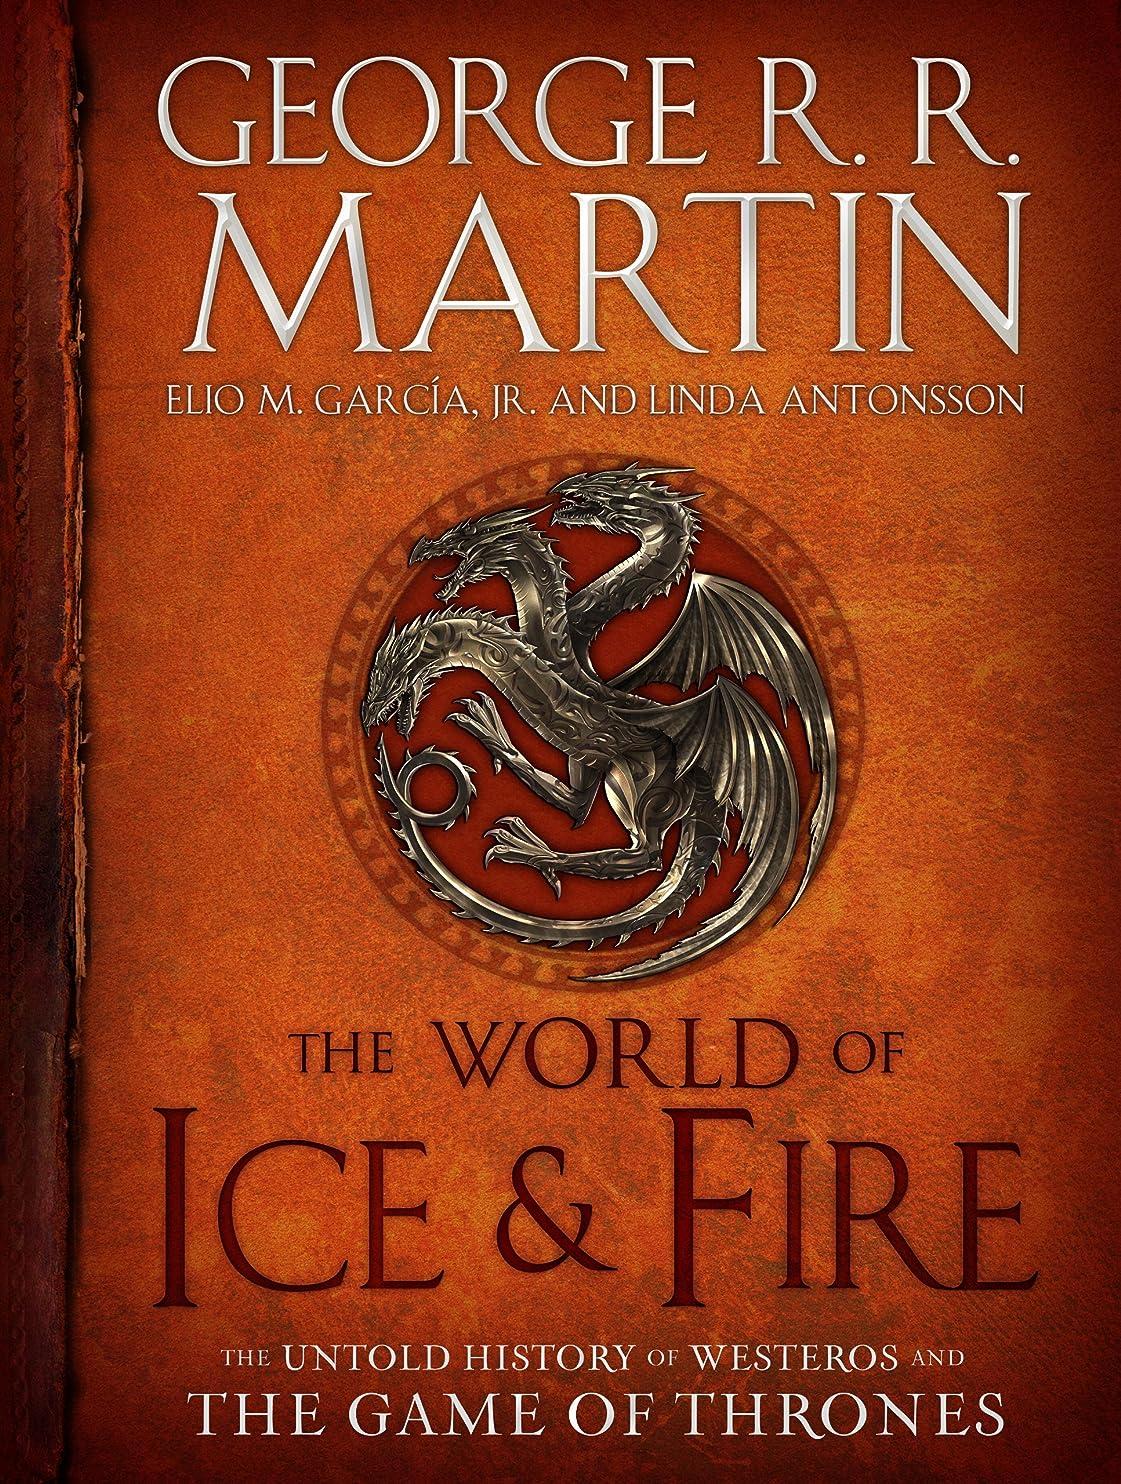 新着インフラ落胆させるThe World of Ice & Fire: The Untold History of Westeros and the Game of Thrones (A Song of Ice and Fire) (English Edition)